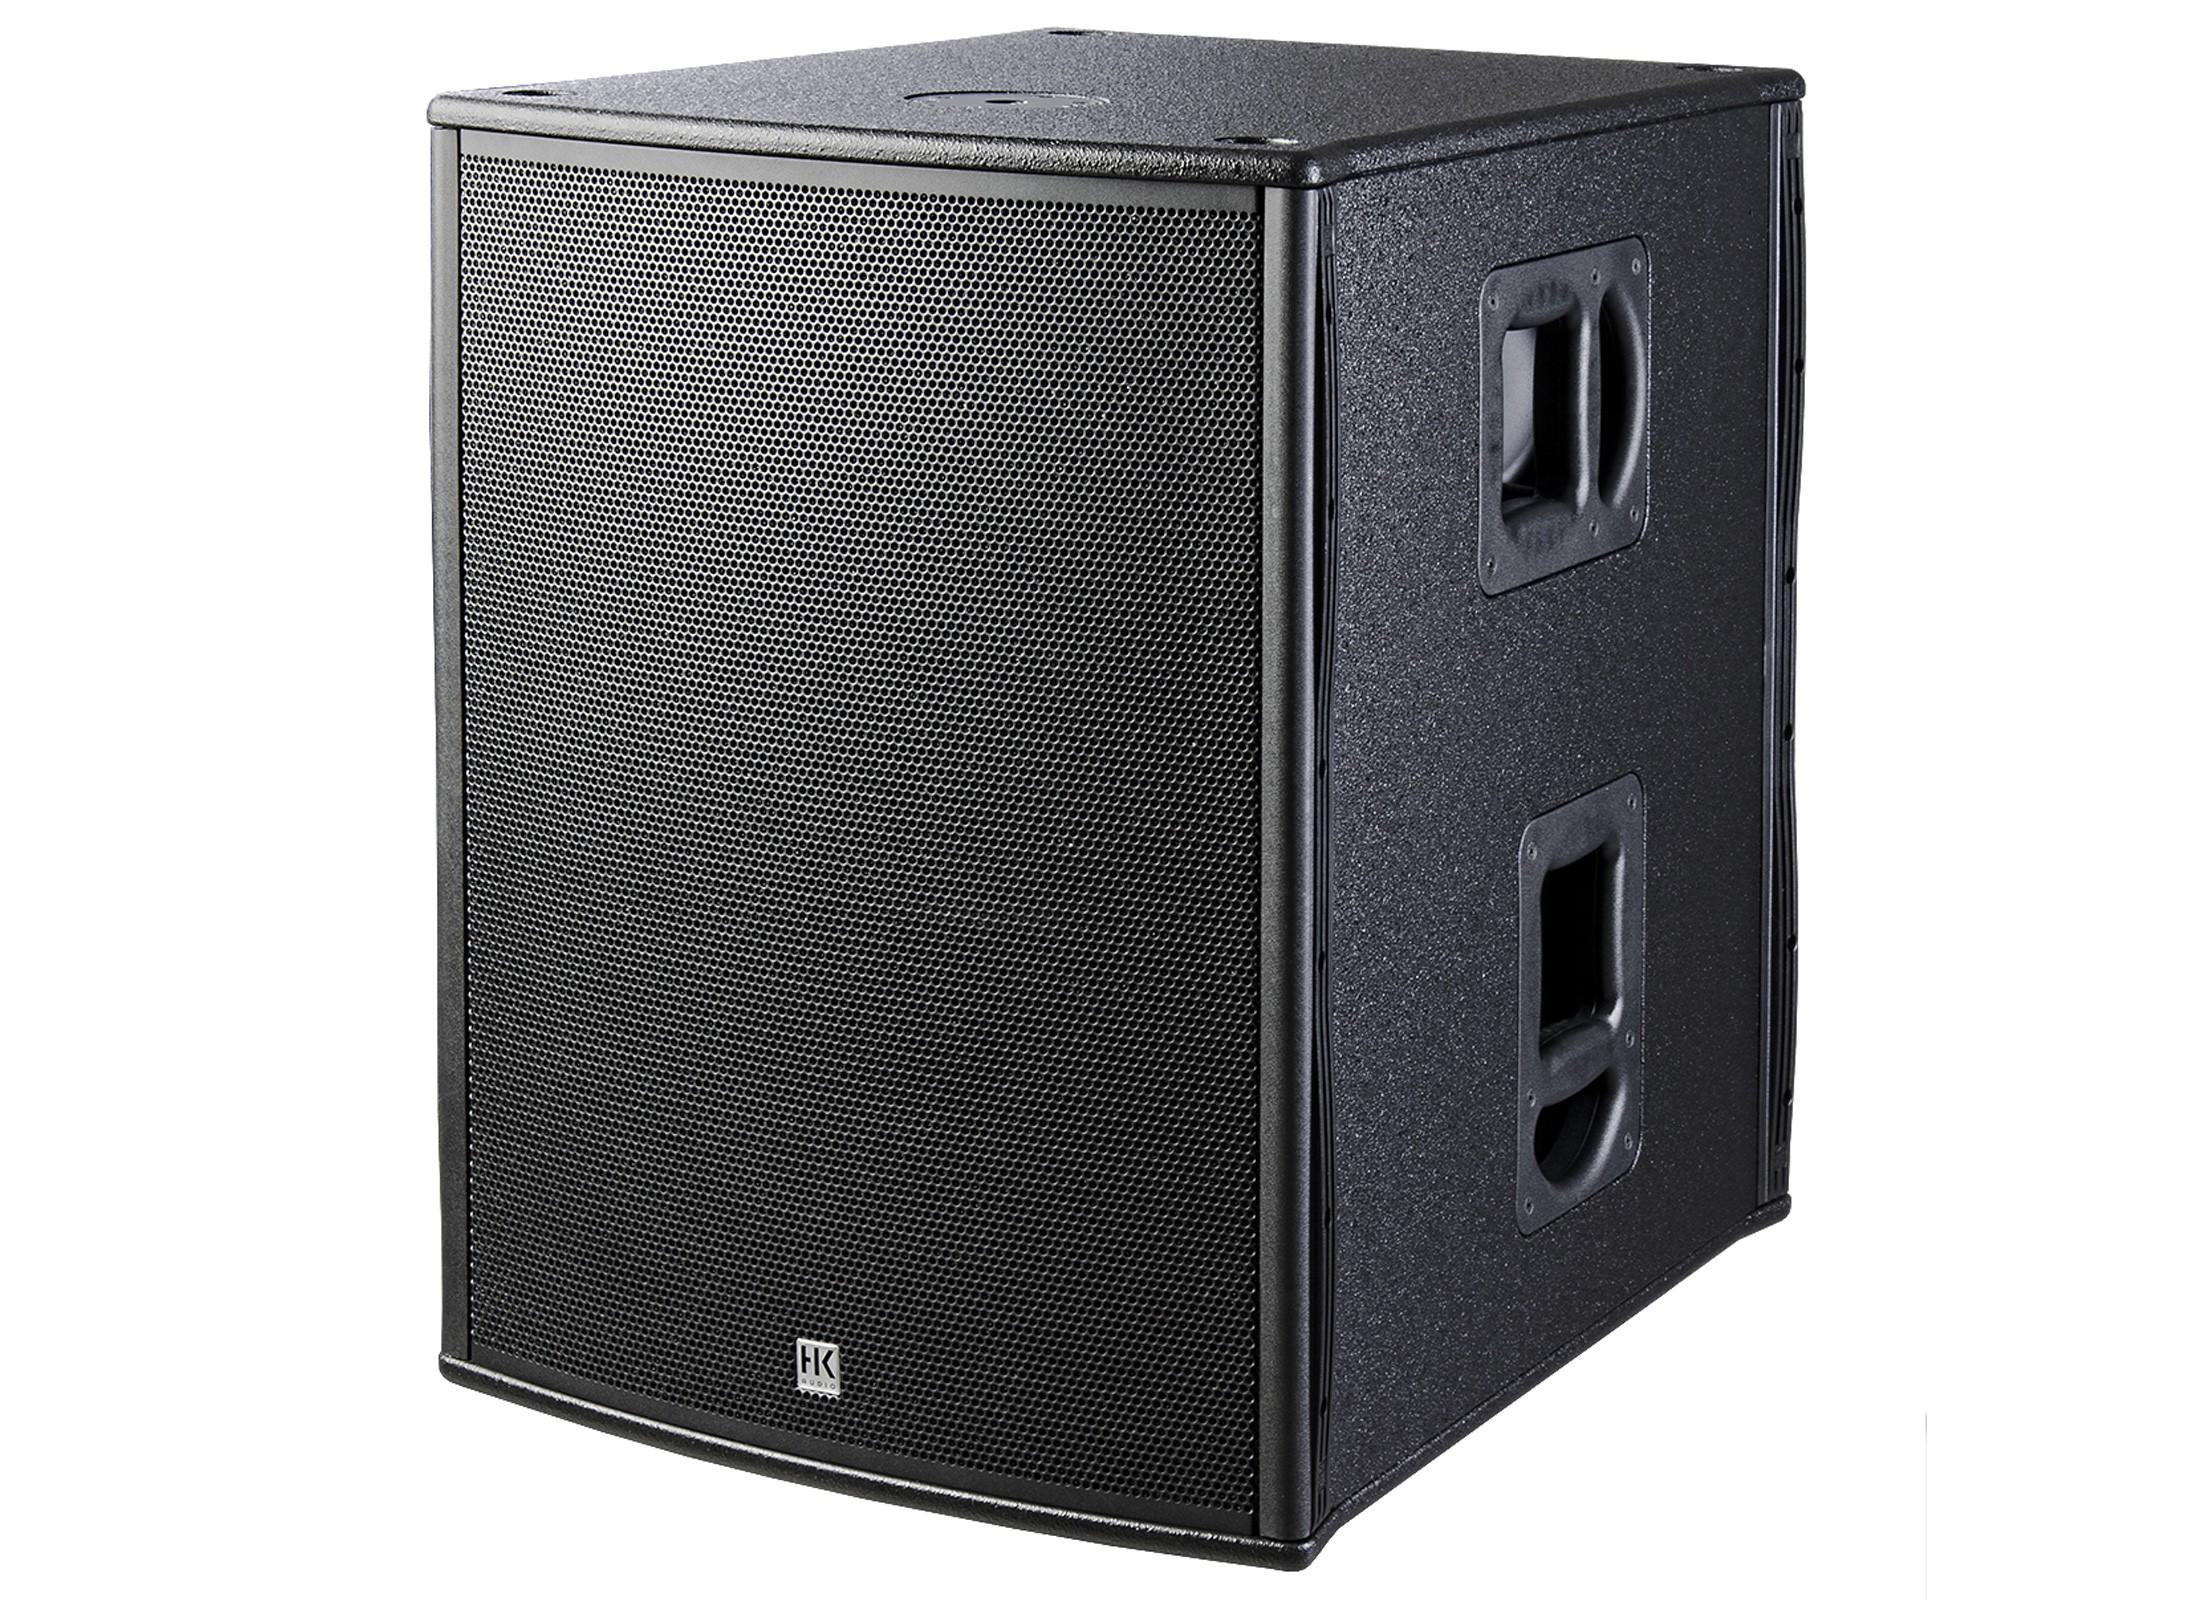 hk audio pulsar pl 118 sub a active subwoofer at huss. Black Bedroom Furniture Sets. Home Design Ideas